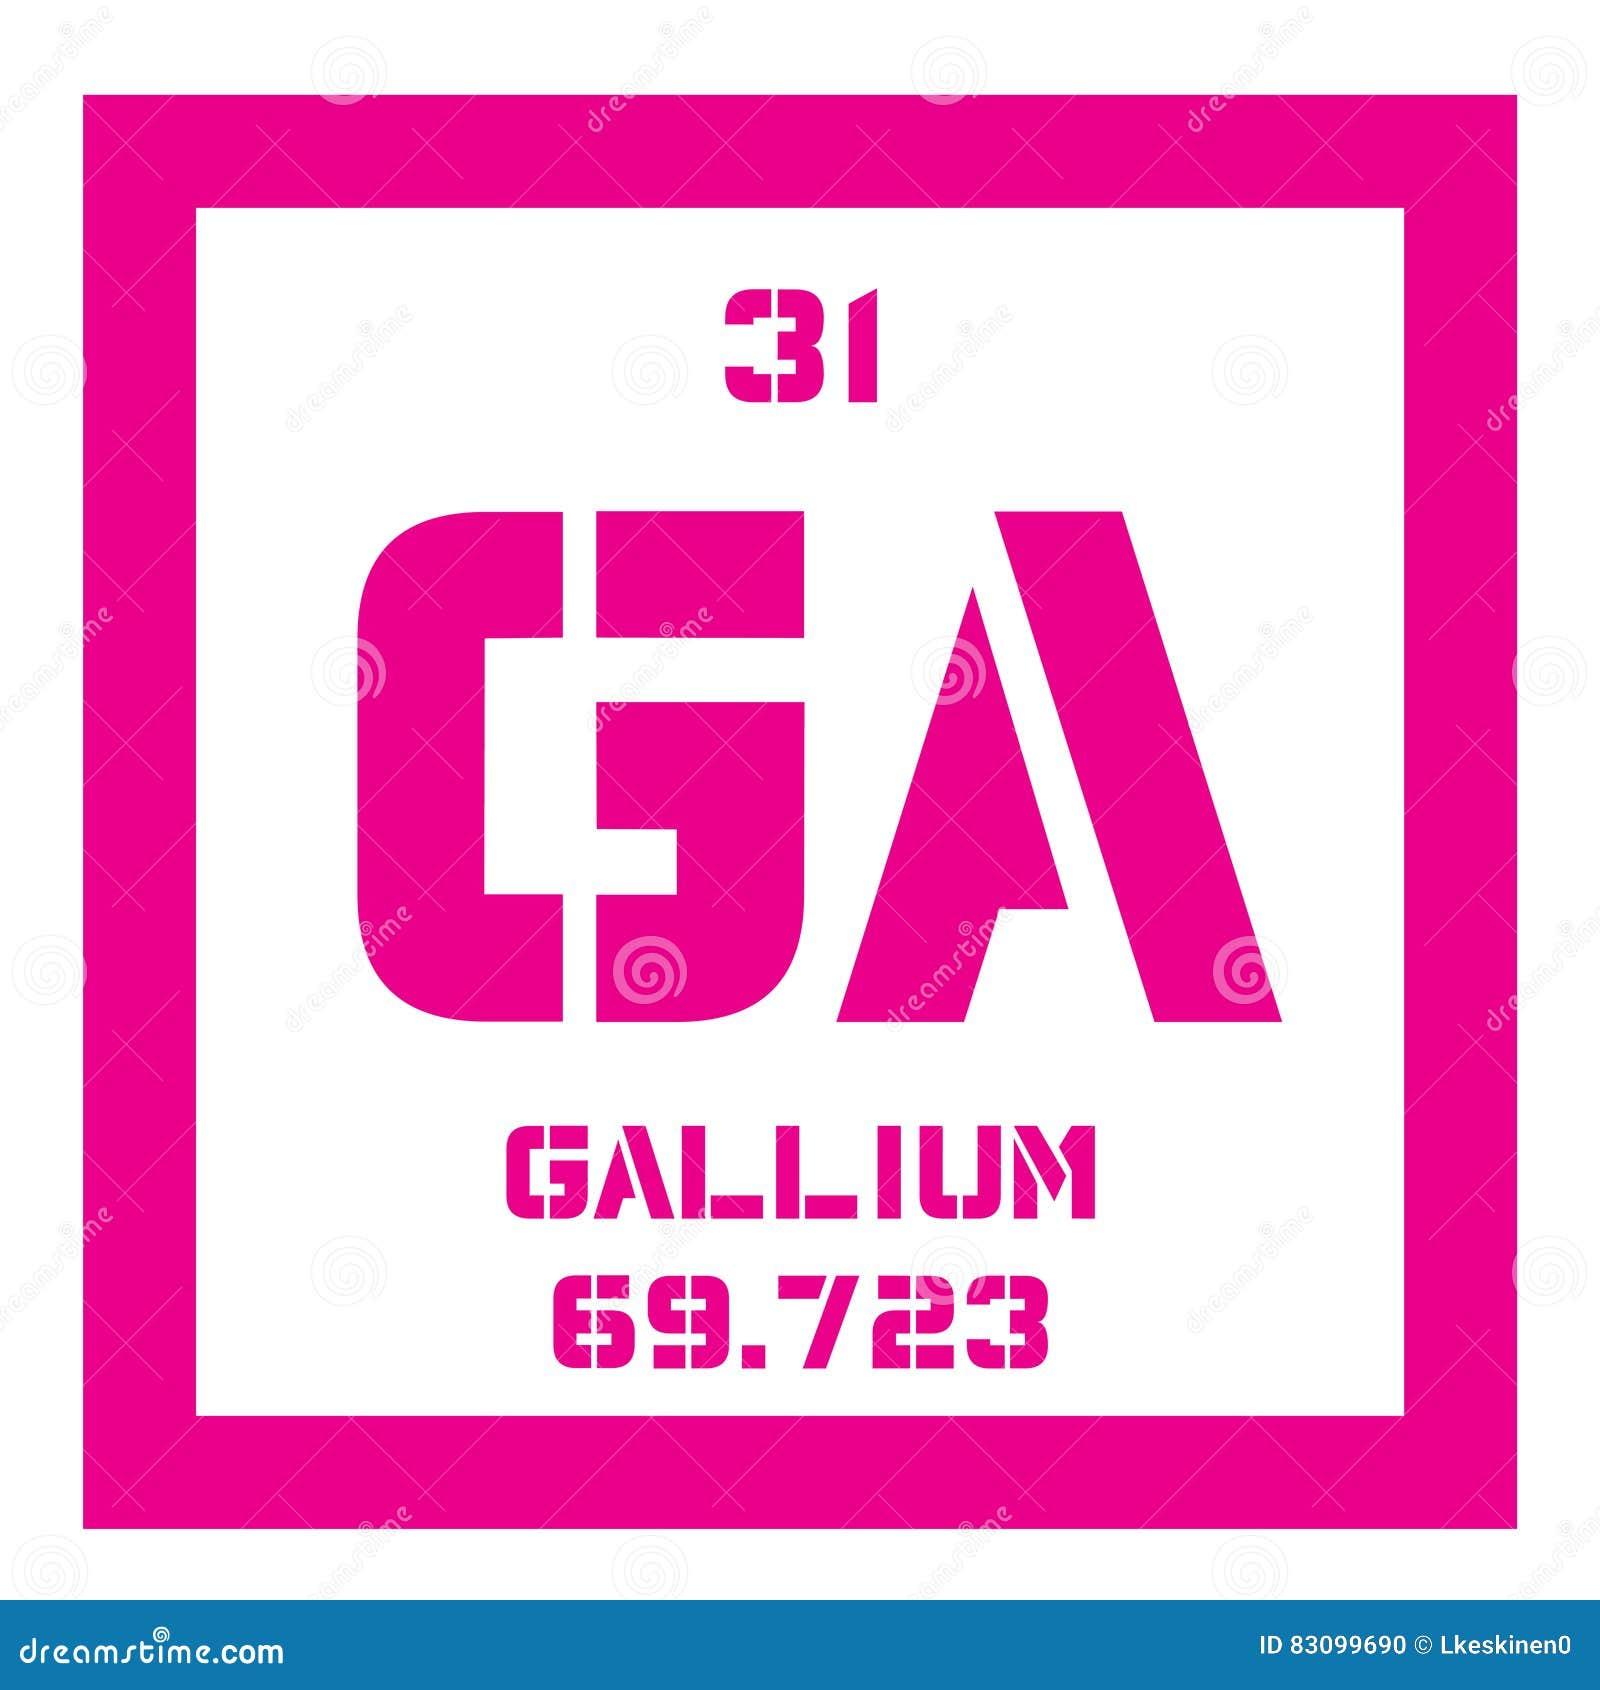 Elemento qumico del galio ilustracin del vector ilustracin de galio elemento qumico utilizado en electrnica icono coloreado con nmero atmico y el peso atmico elemento qumico de la tabla peridica urtaz Choice Image